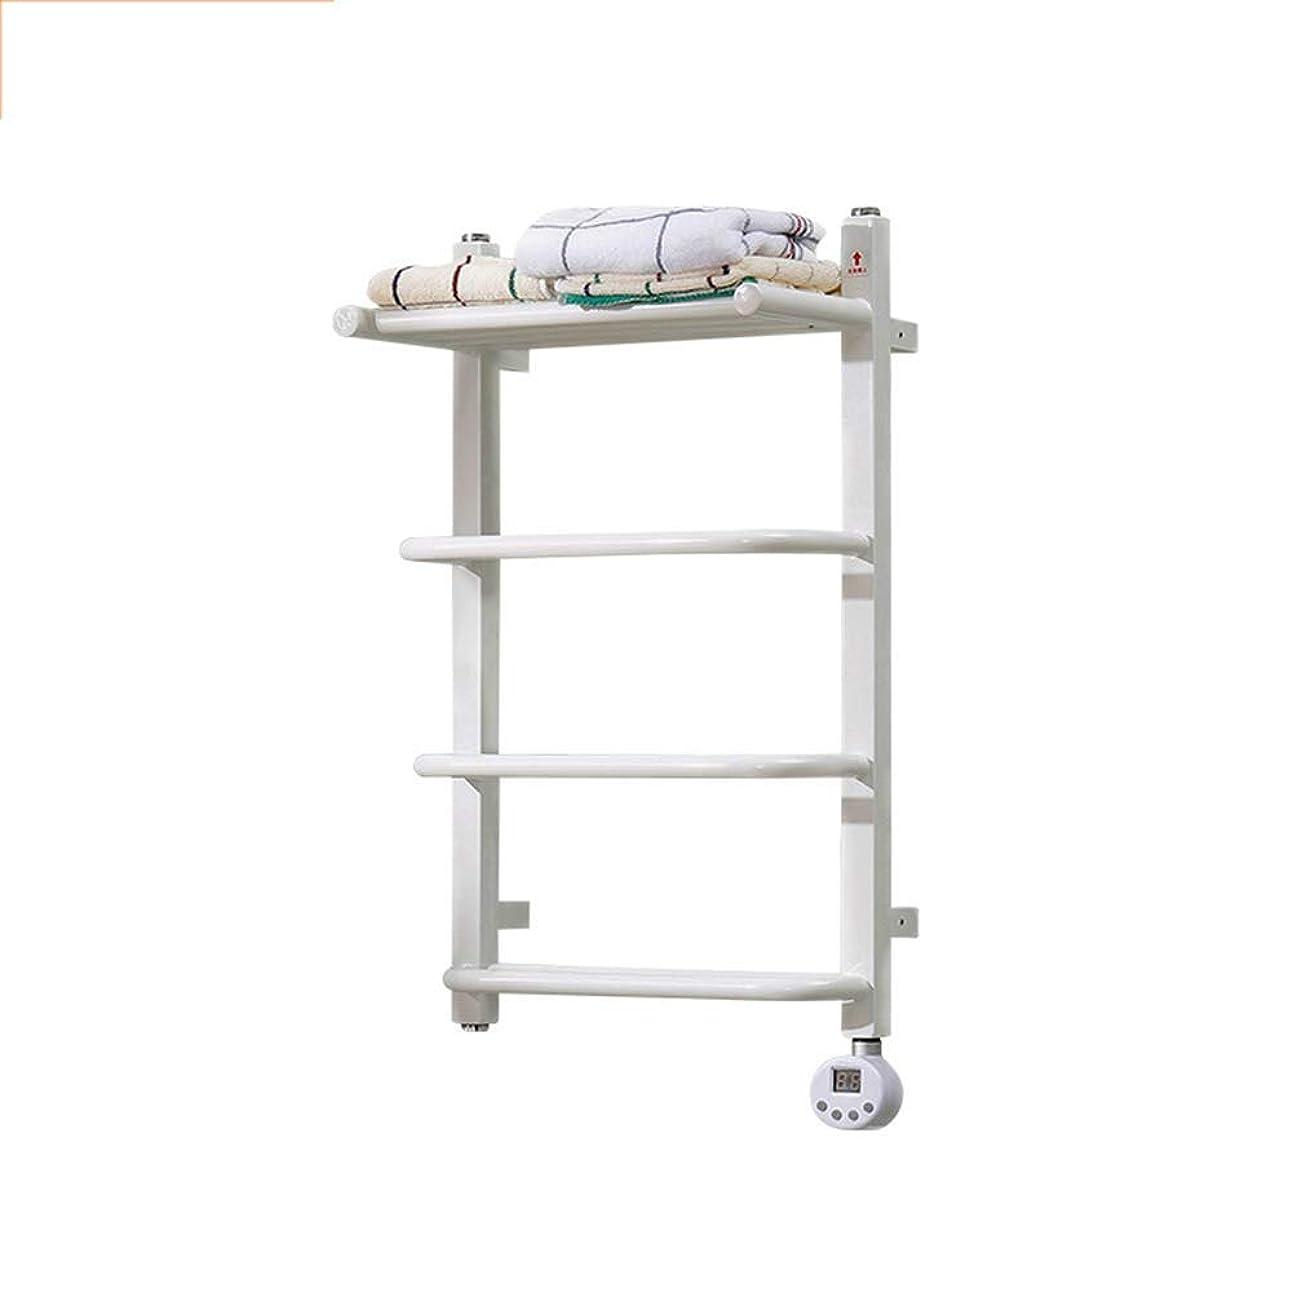 吹きさらし衛星花火Heated Towel Rail Radiator, Towel Heater Rapid Heating and Drying White Intelligent Electric Heated Towel Warmer for Bathroom